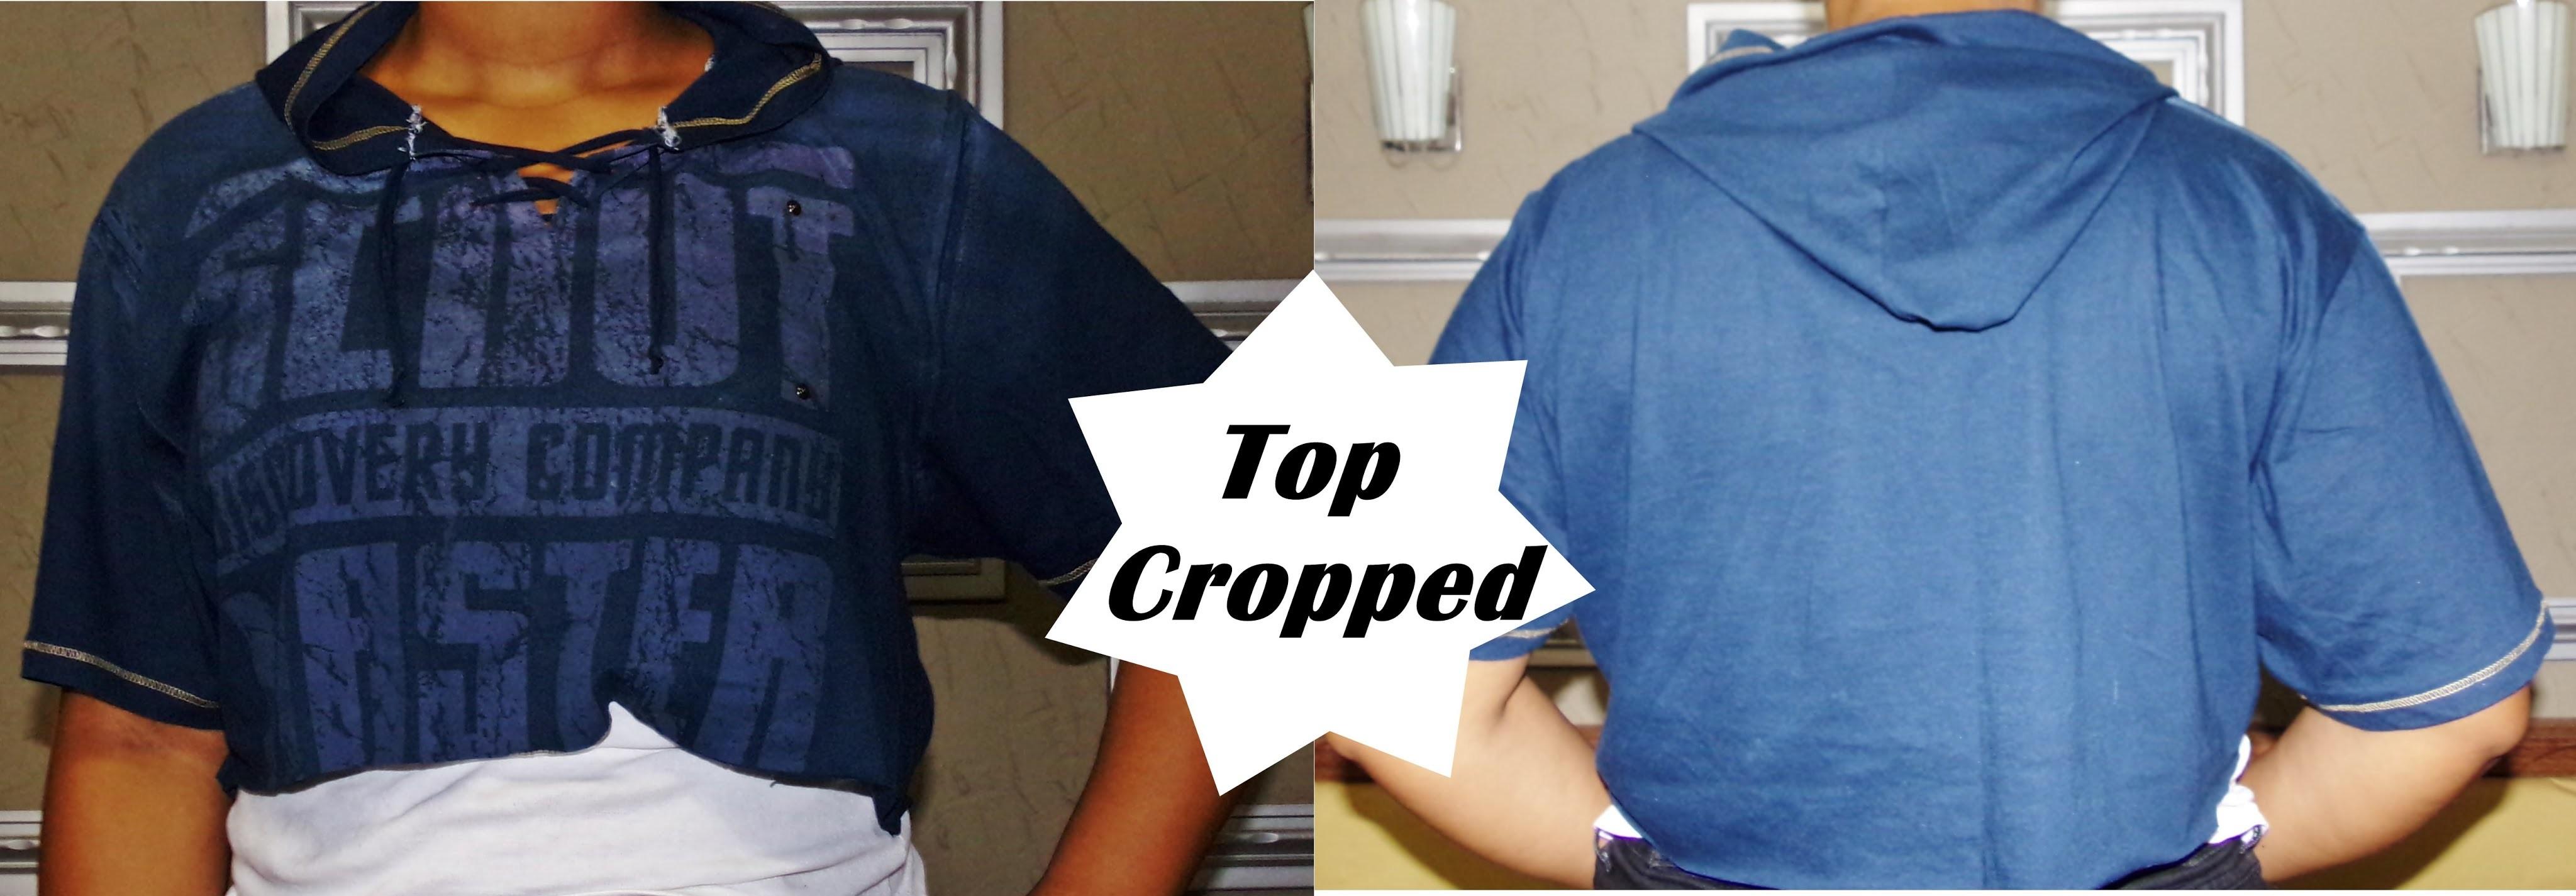 DIY Customização Camiseta - Top Cropped com Capuz EP.03